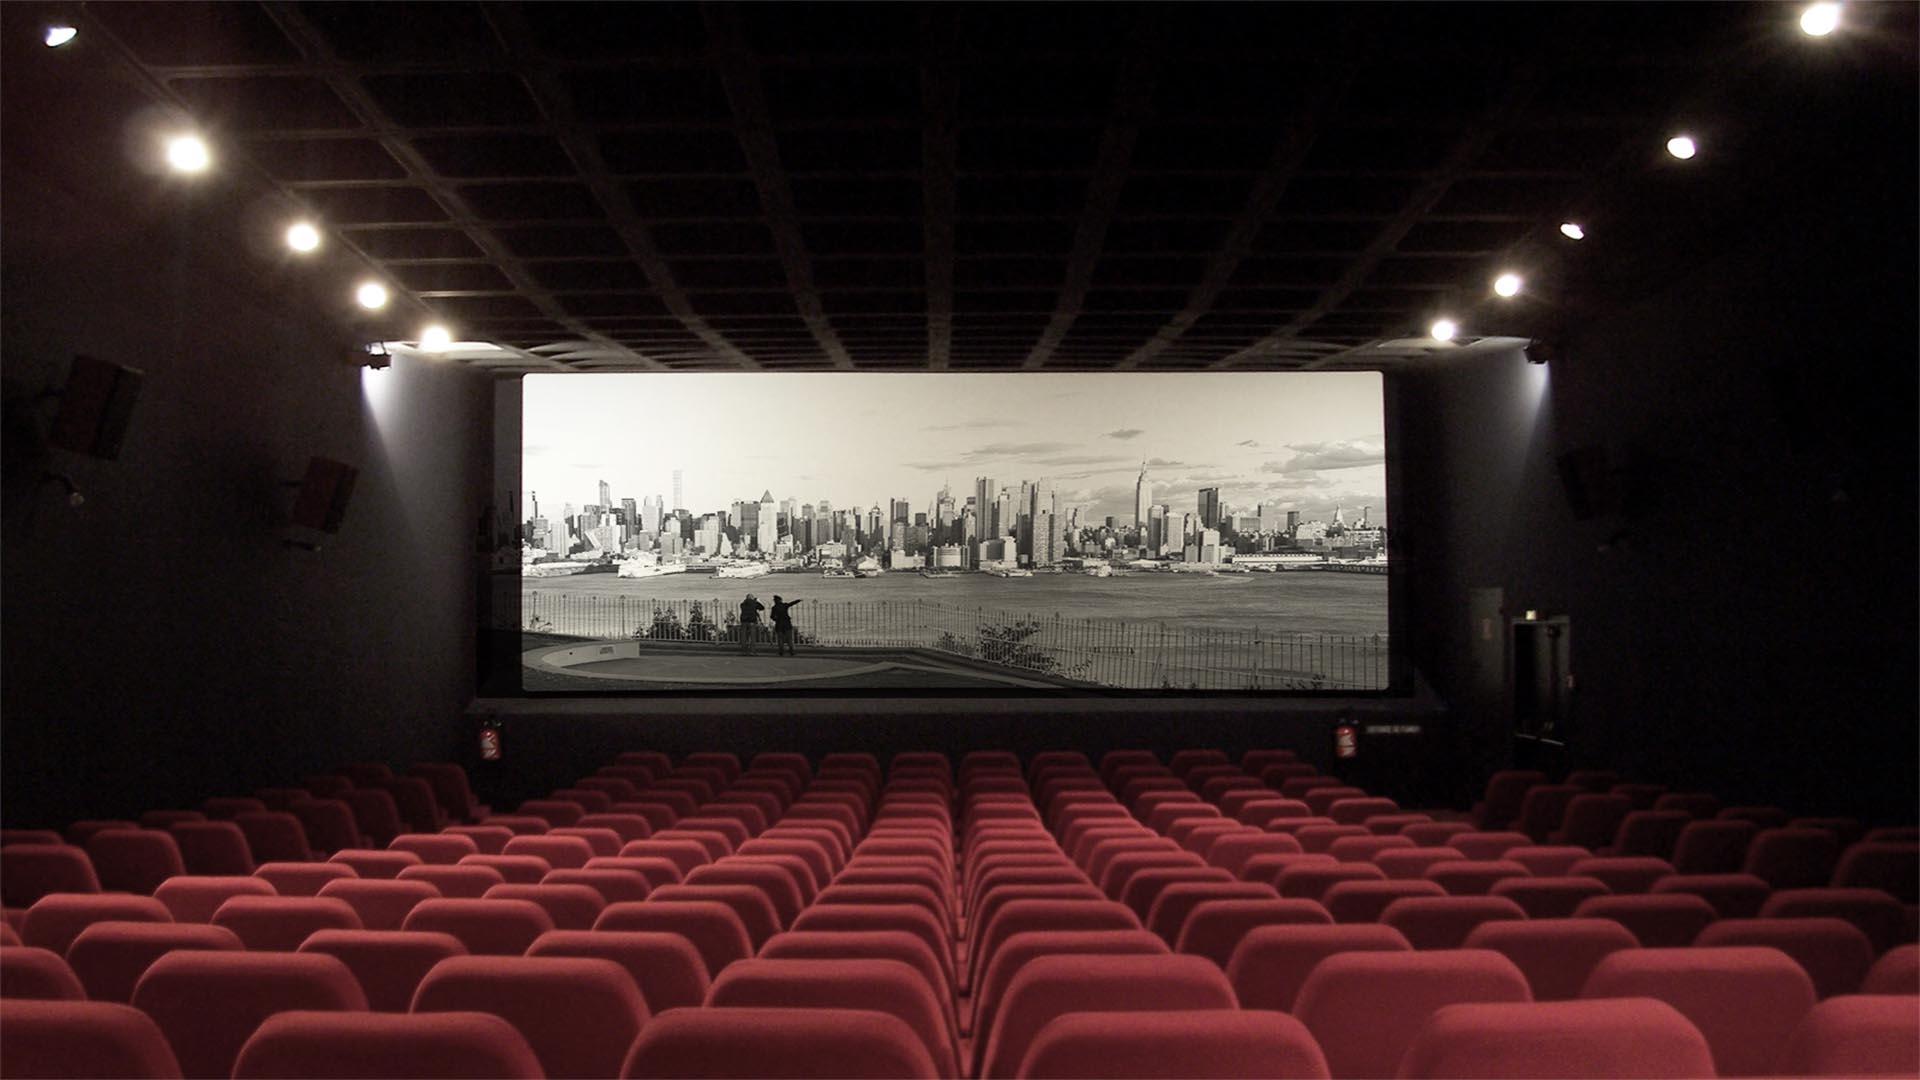 Andiamo al cinema stasera noi siamo futuro - Fotos de salas de cine ...